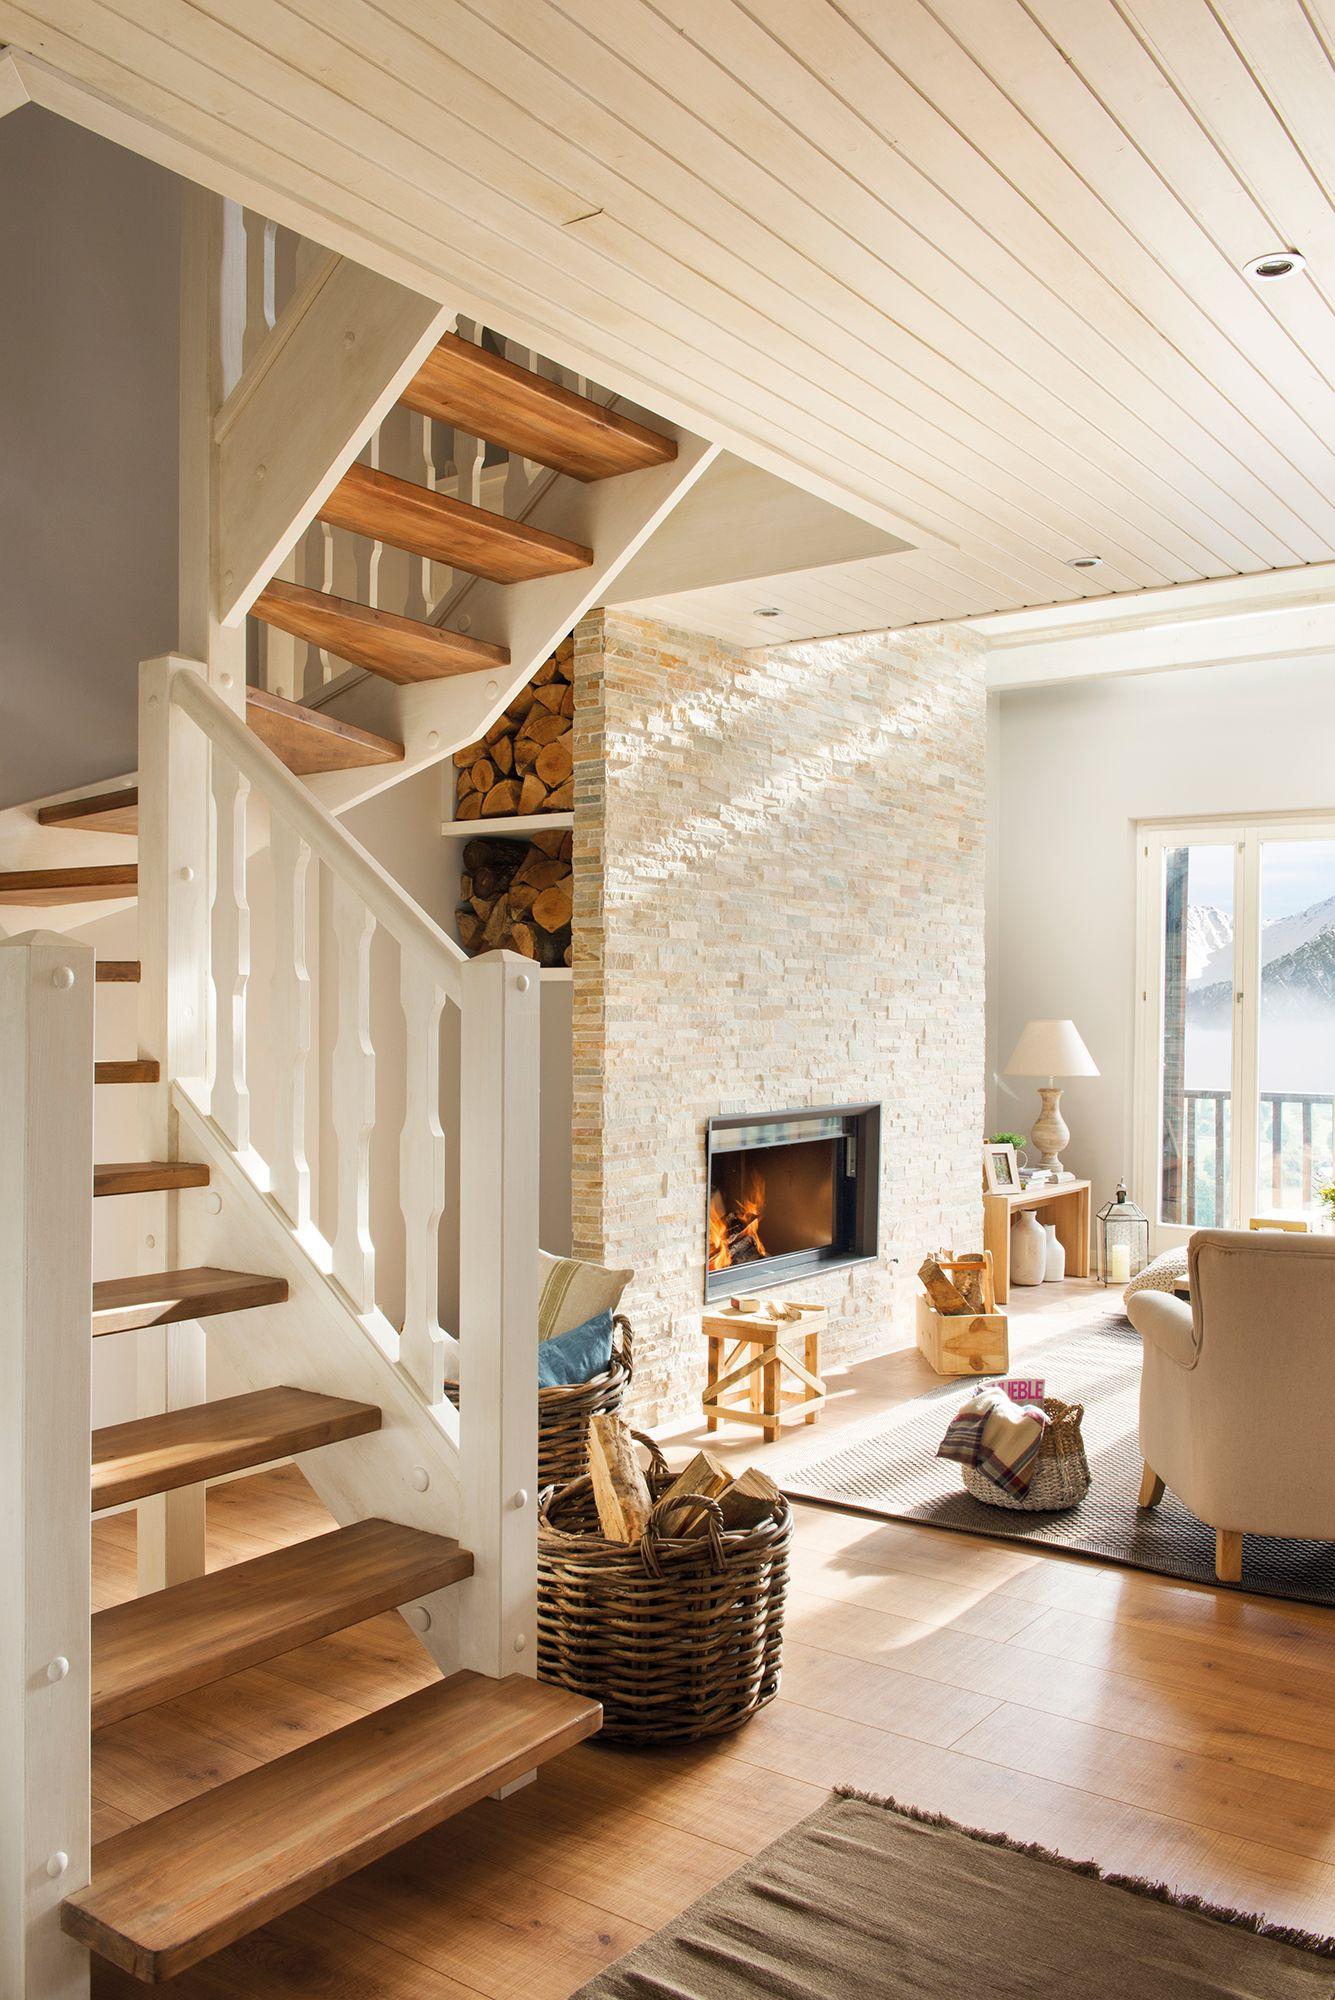 Sin contrahuella casa 1 en 2019 dise o de escaleras - Diseno de escaleras interiores ...